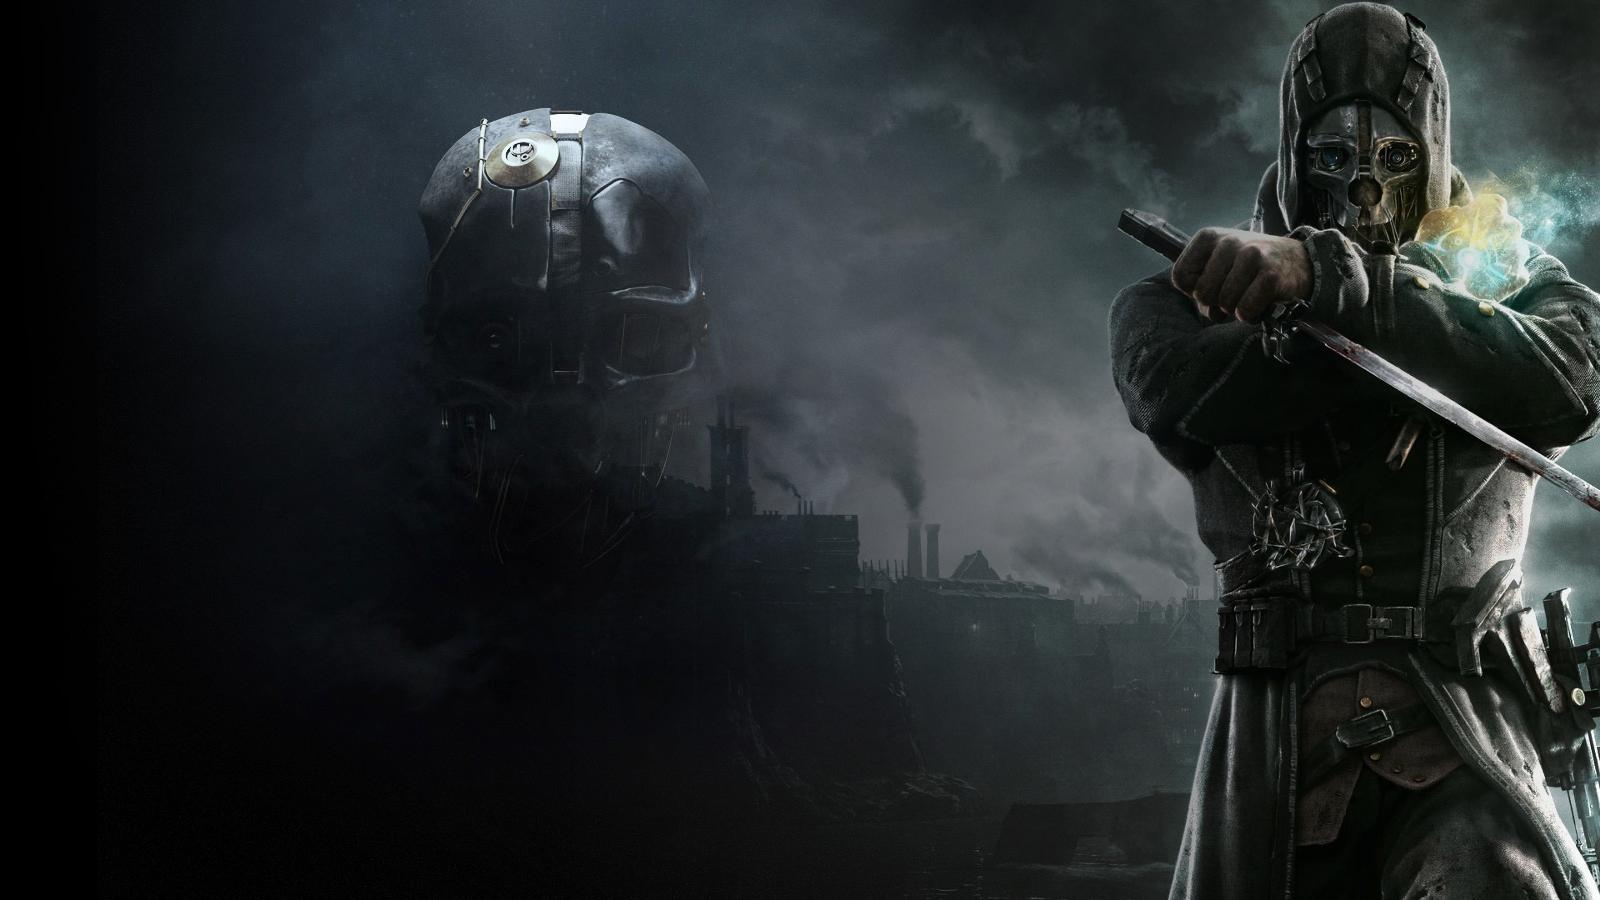 Dishonored Fan Art Corvo Video Games Wallpapers Hd: Korra And Elizabeth Vs Thread; Read Op!